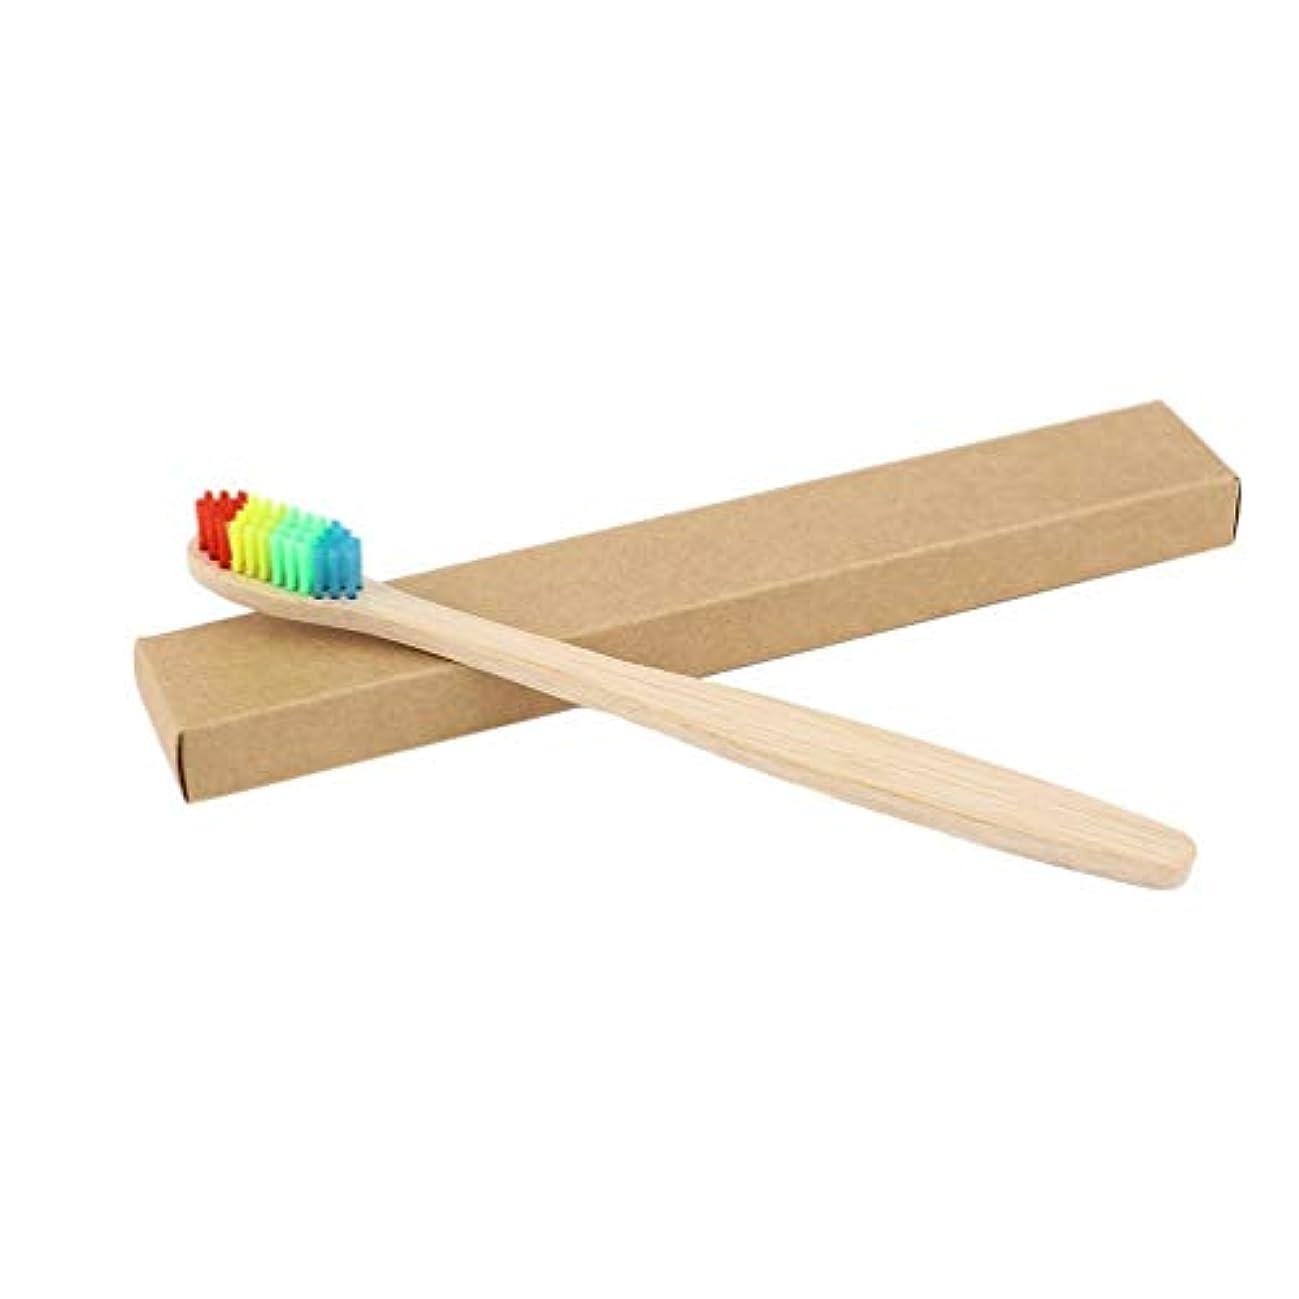 施し与えるタイトルカラフルな髪+竹のハンドル歯ブラシ環境木製の虹竹の歯ブラシオーラルケアソフト剛毛ユニセックス - ウッドカラー+カラフル